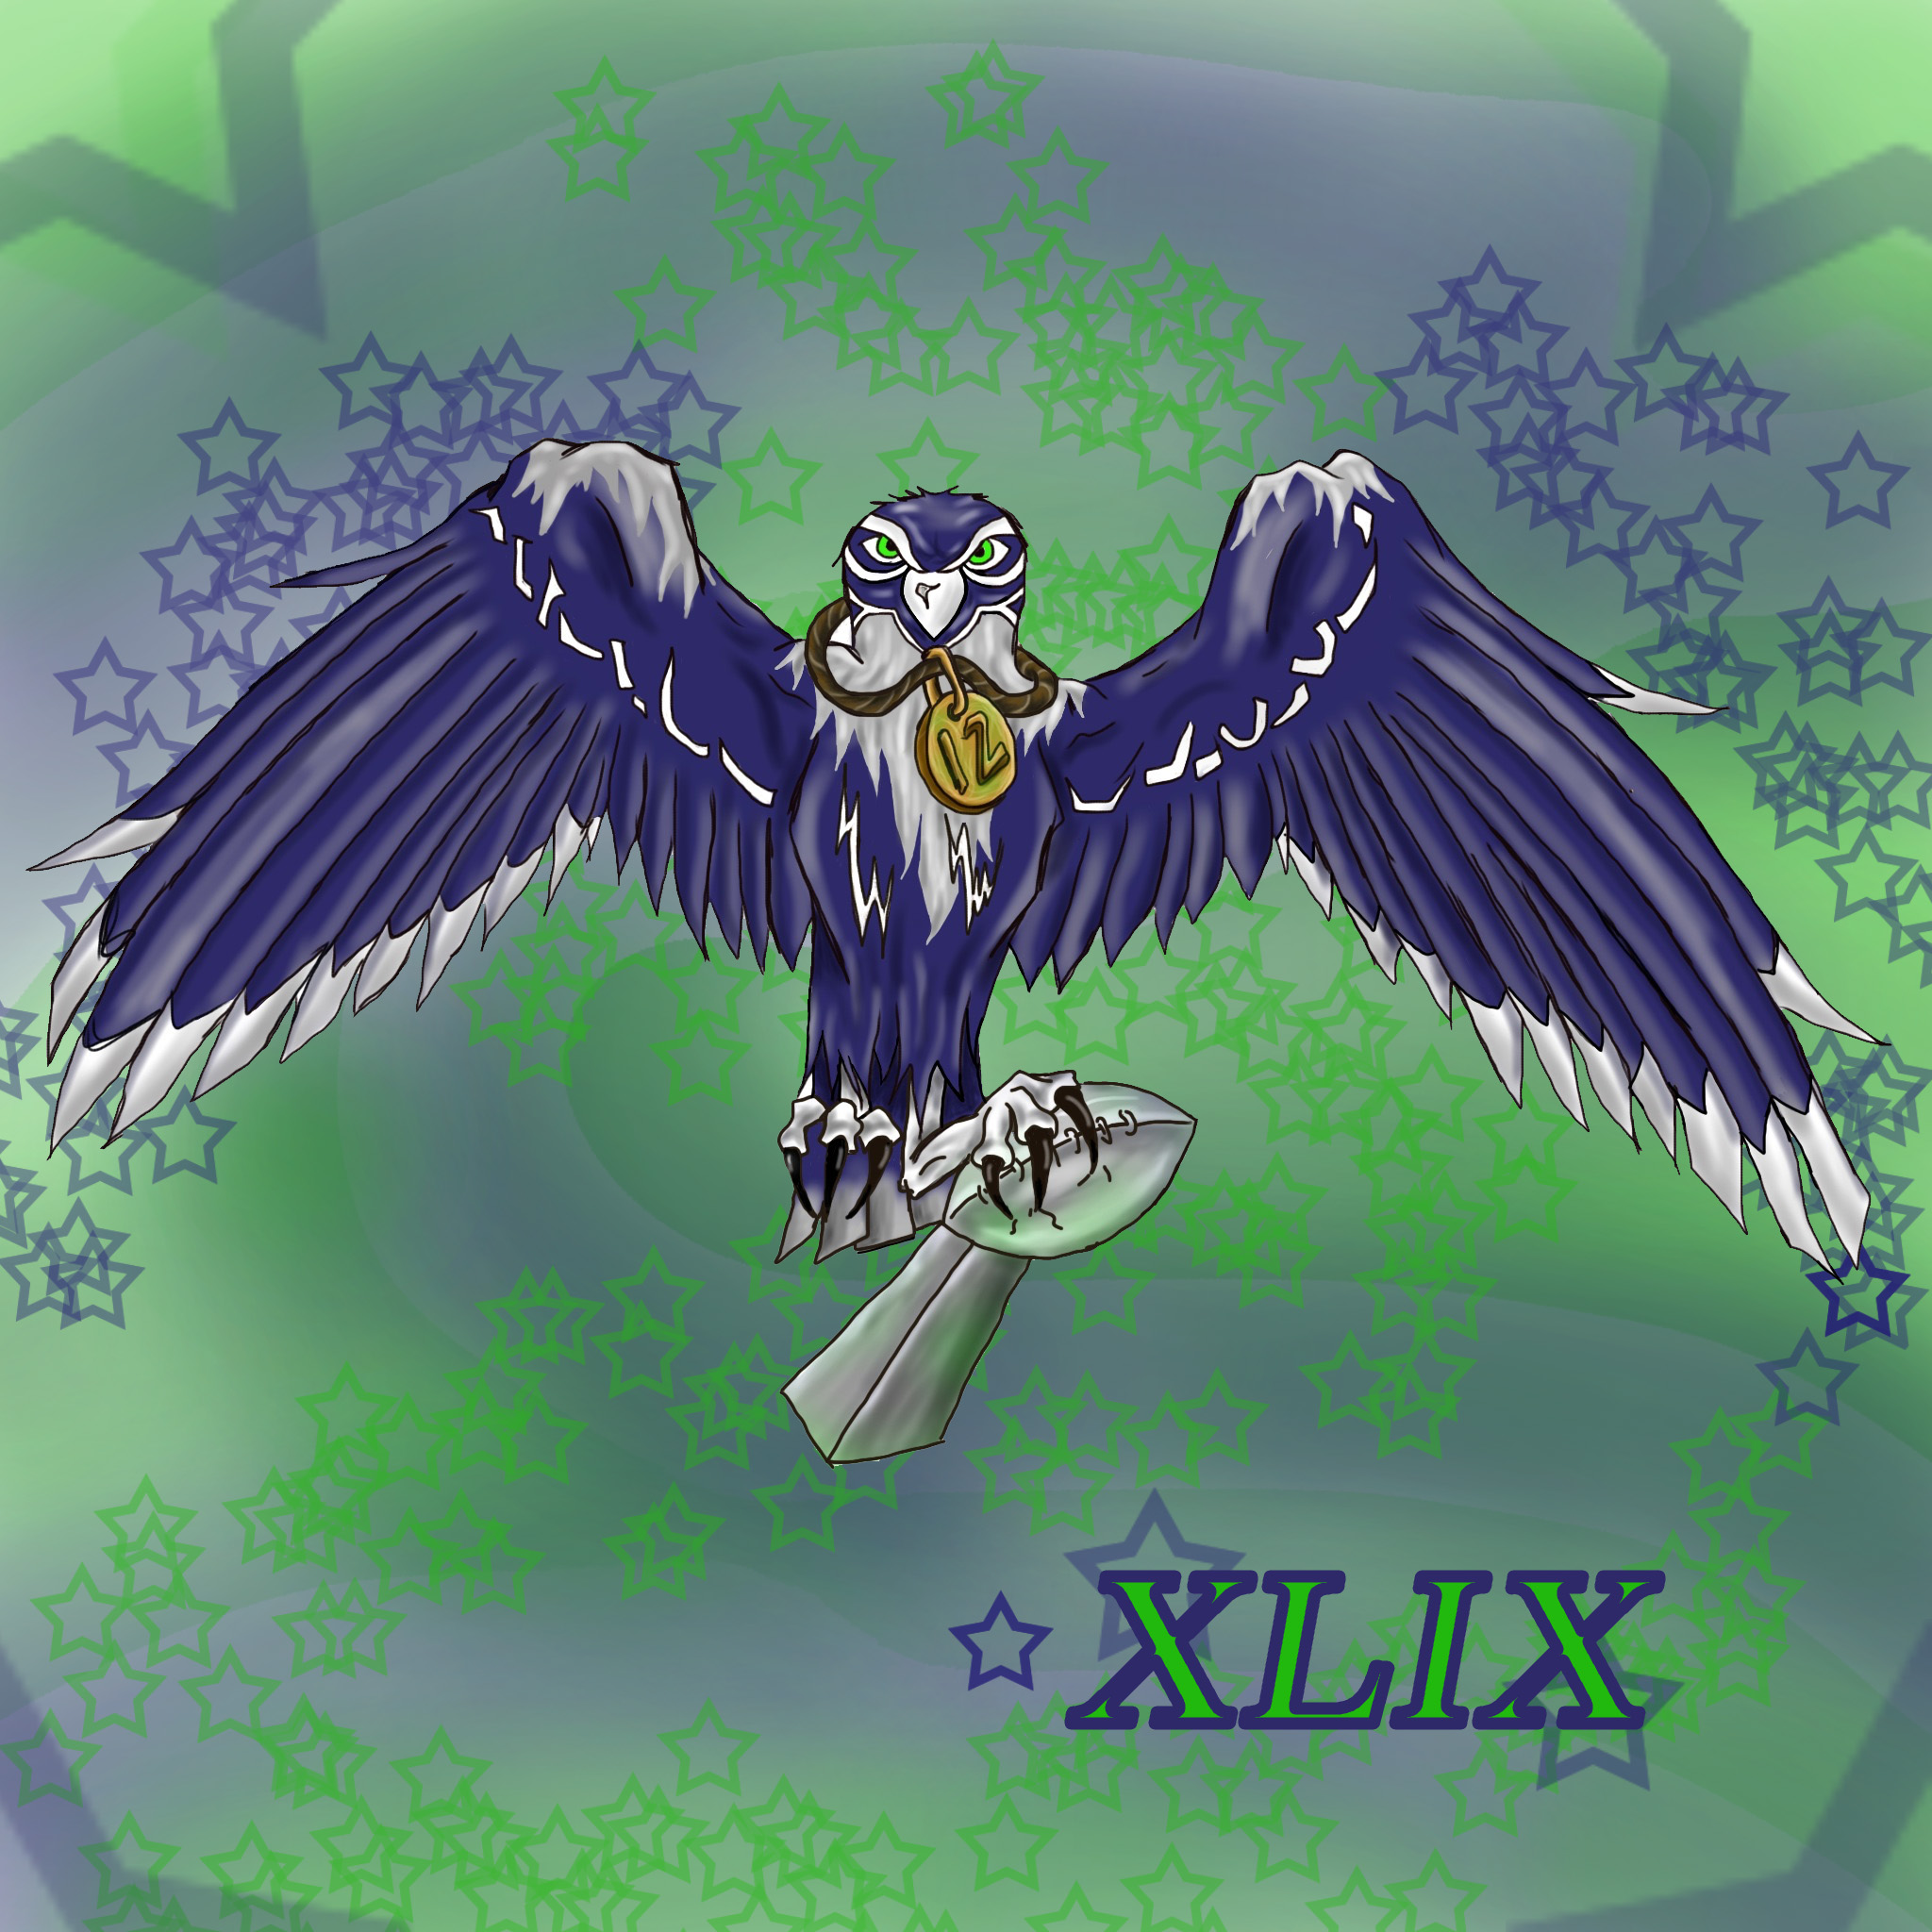 Seahawks XLIX